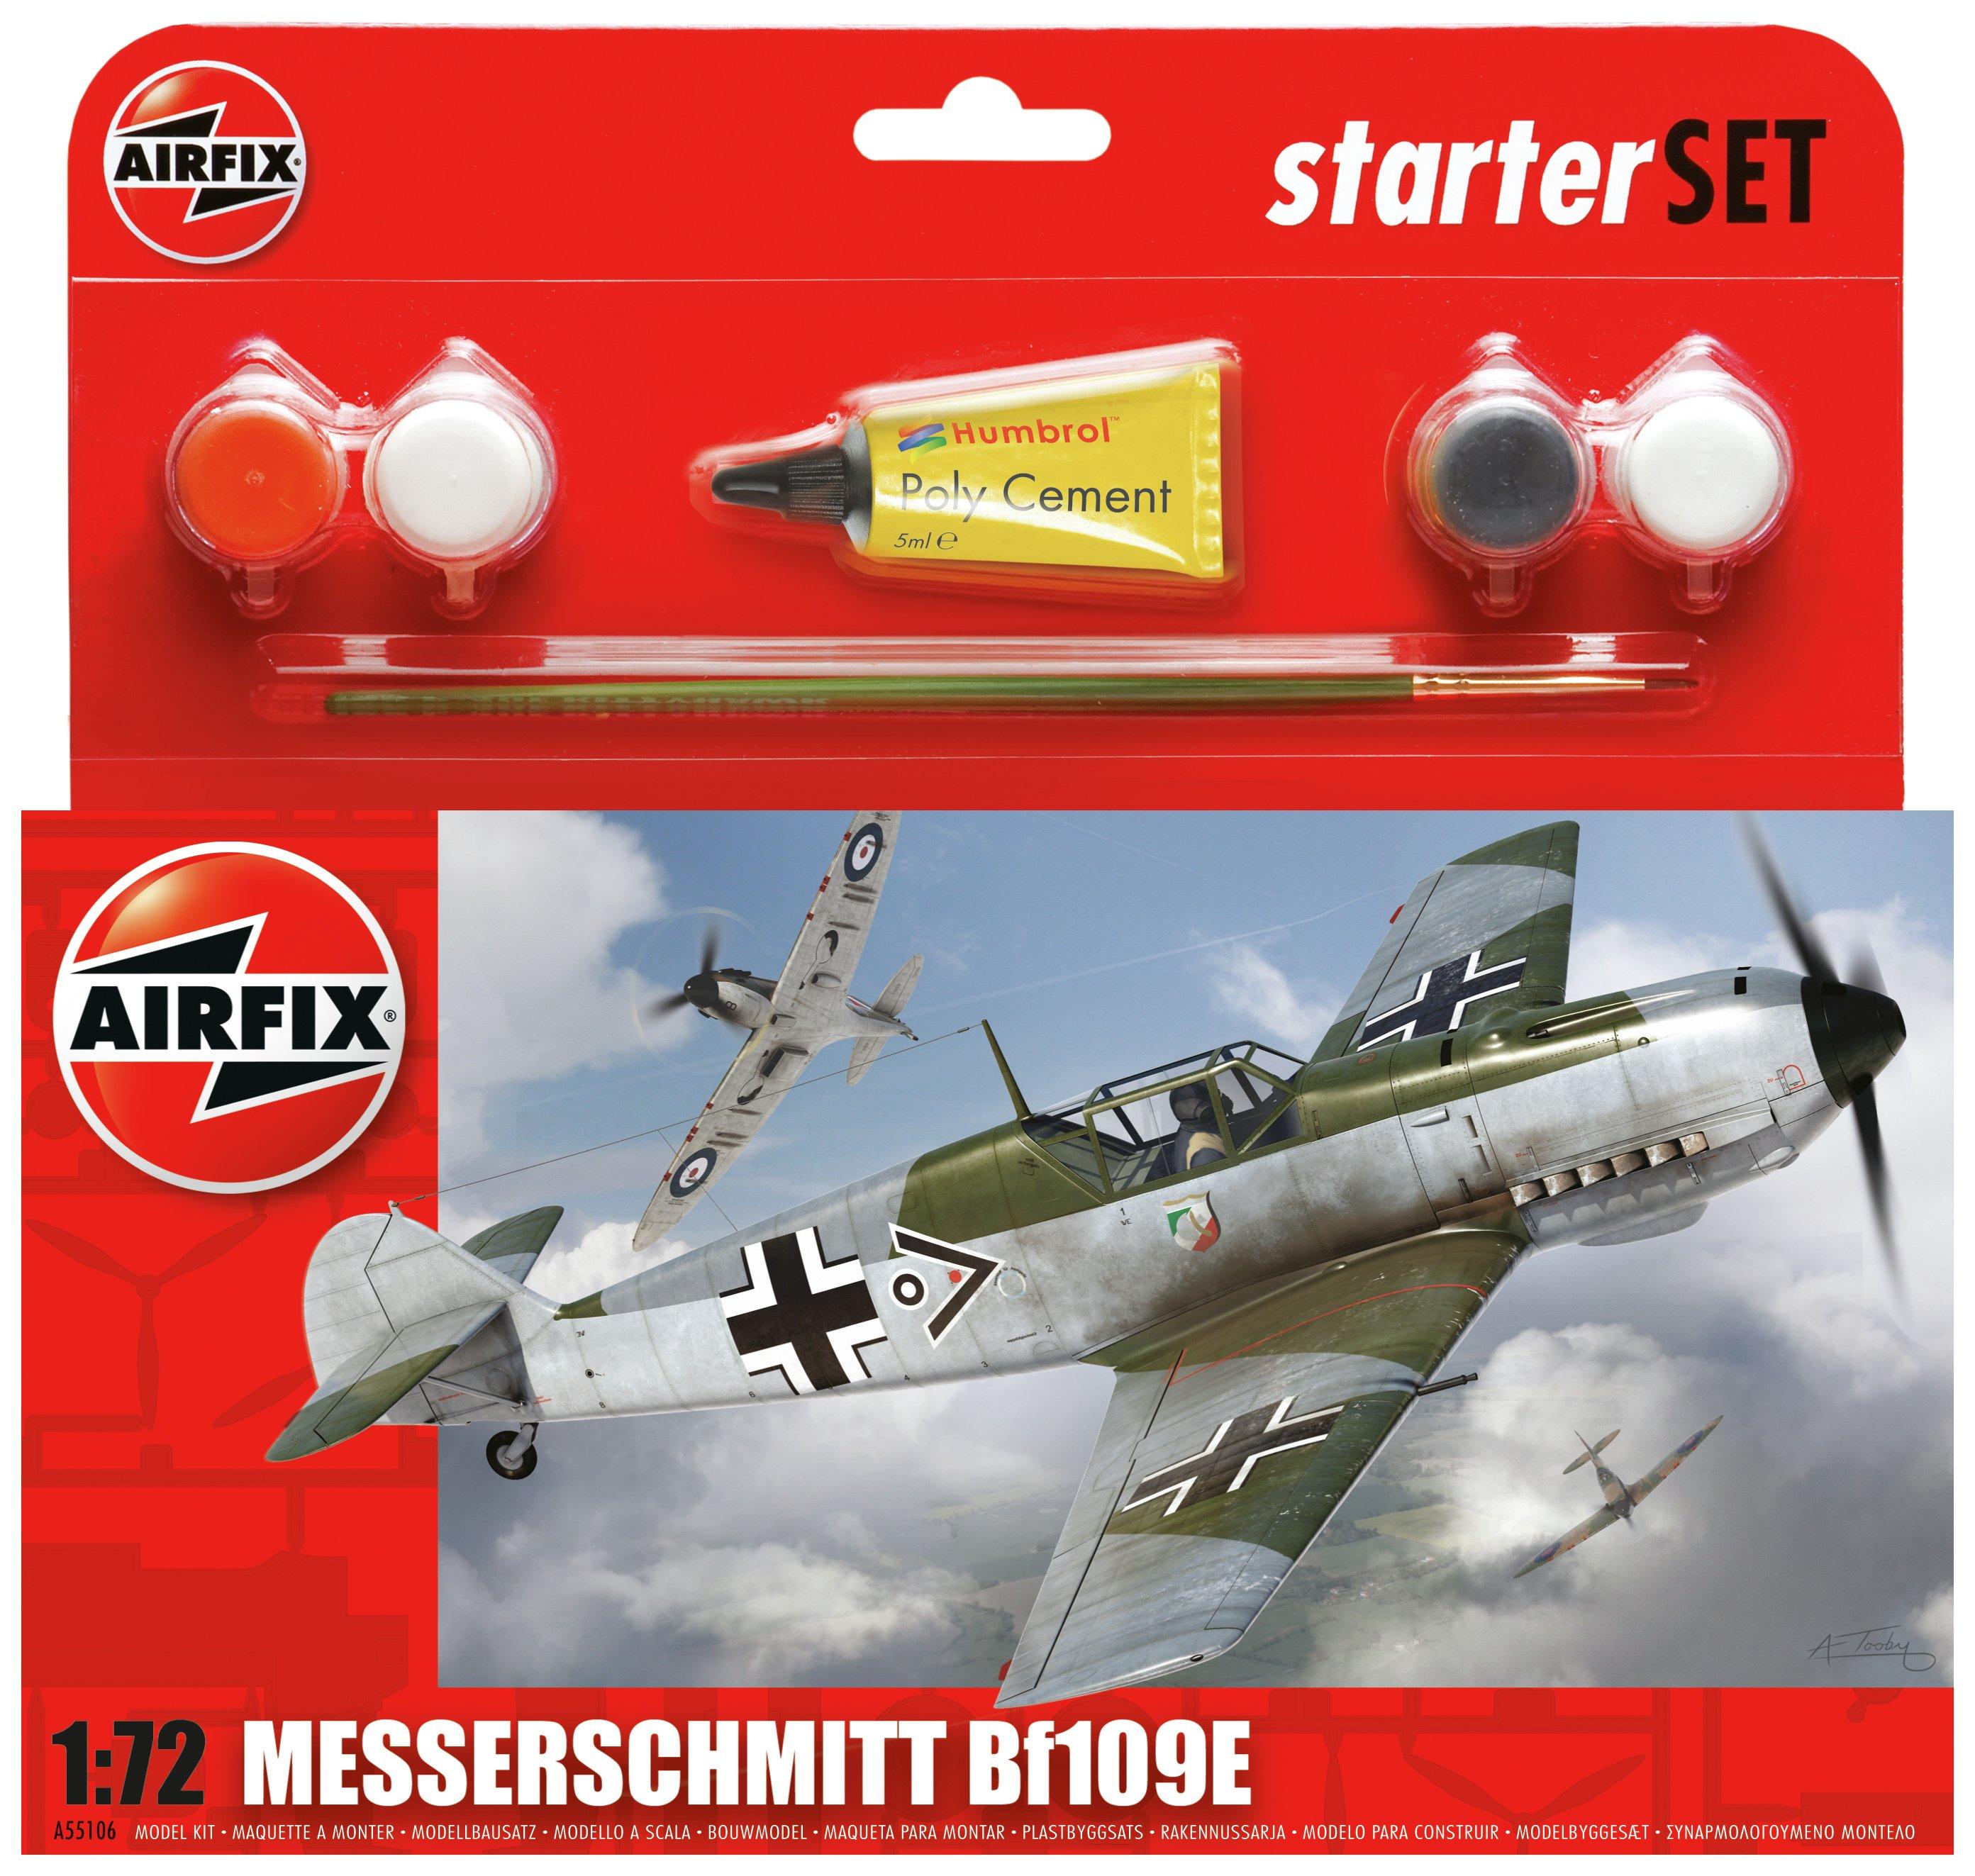 Image of Airfix Messerschmitt BF109E Aircraft Model Kit.